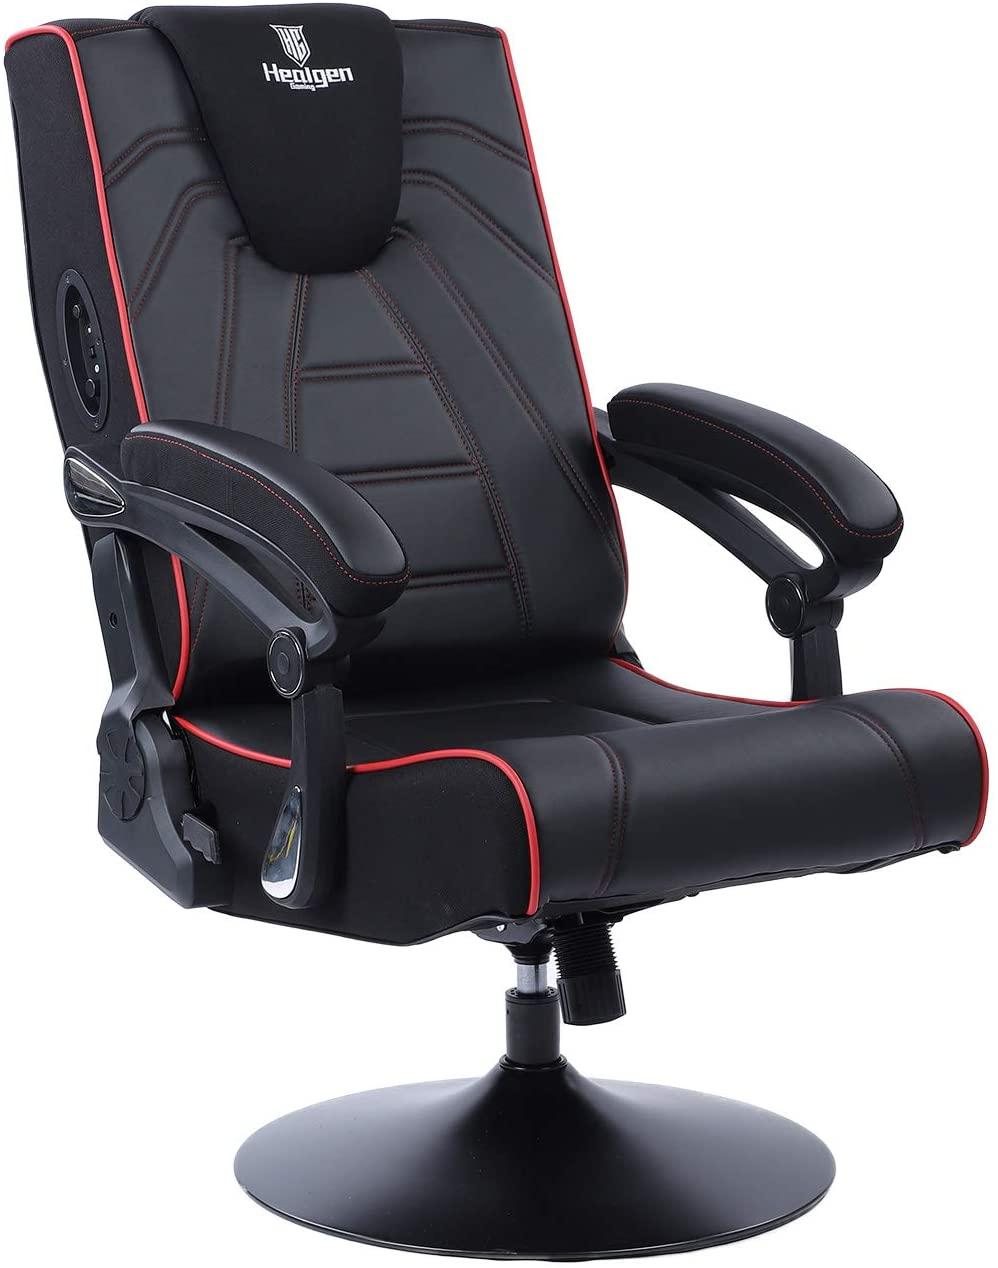 healgen-video-gaming-chair